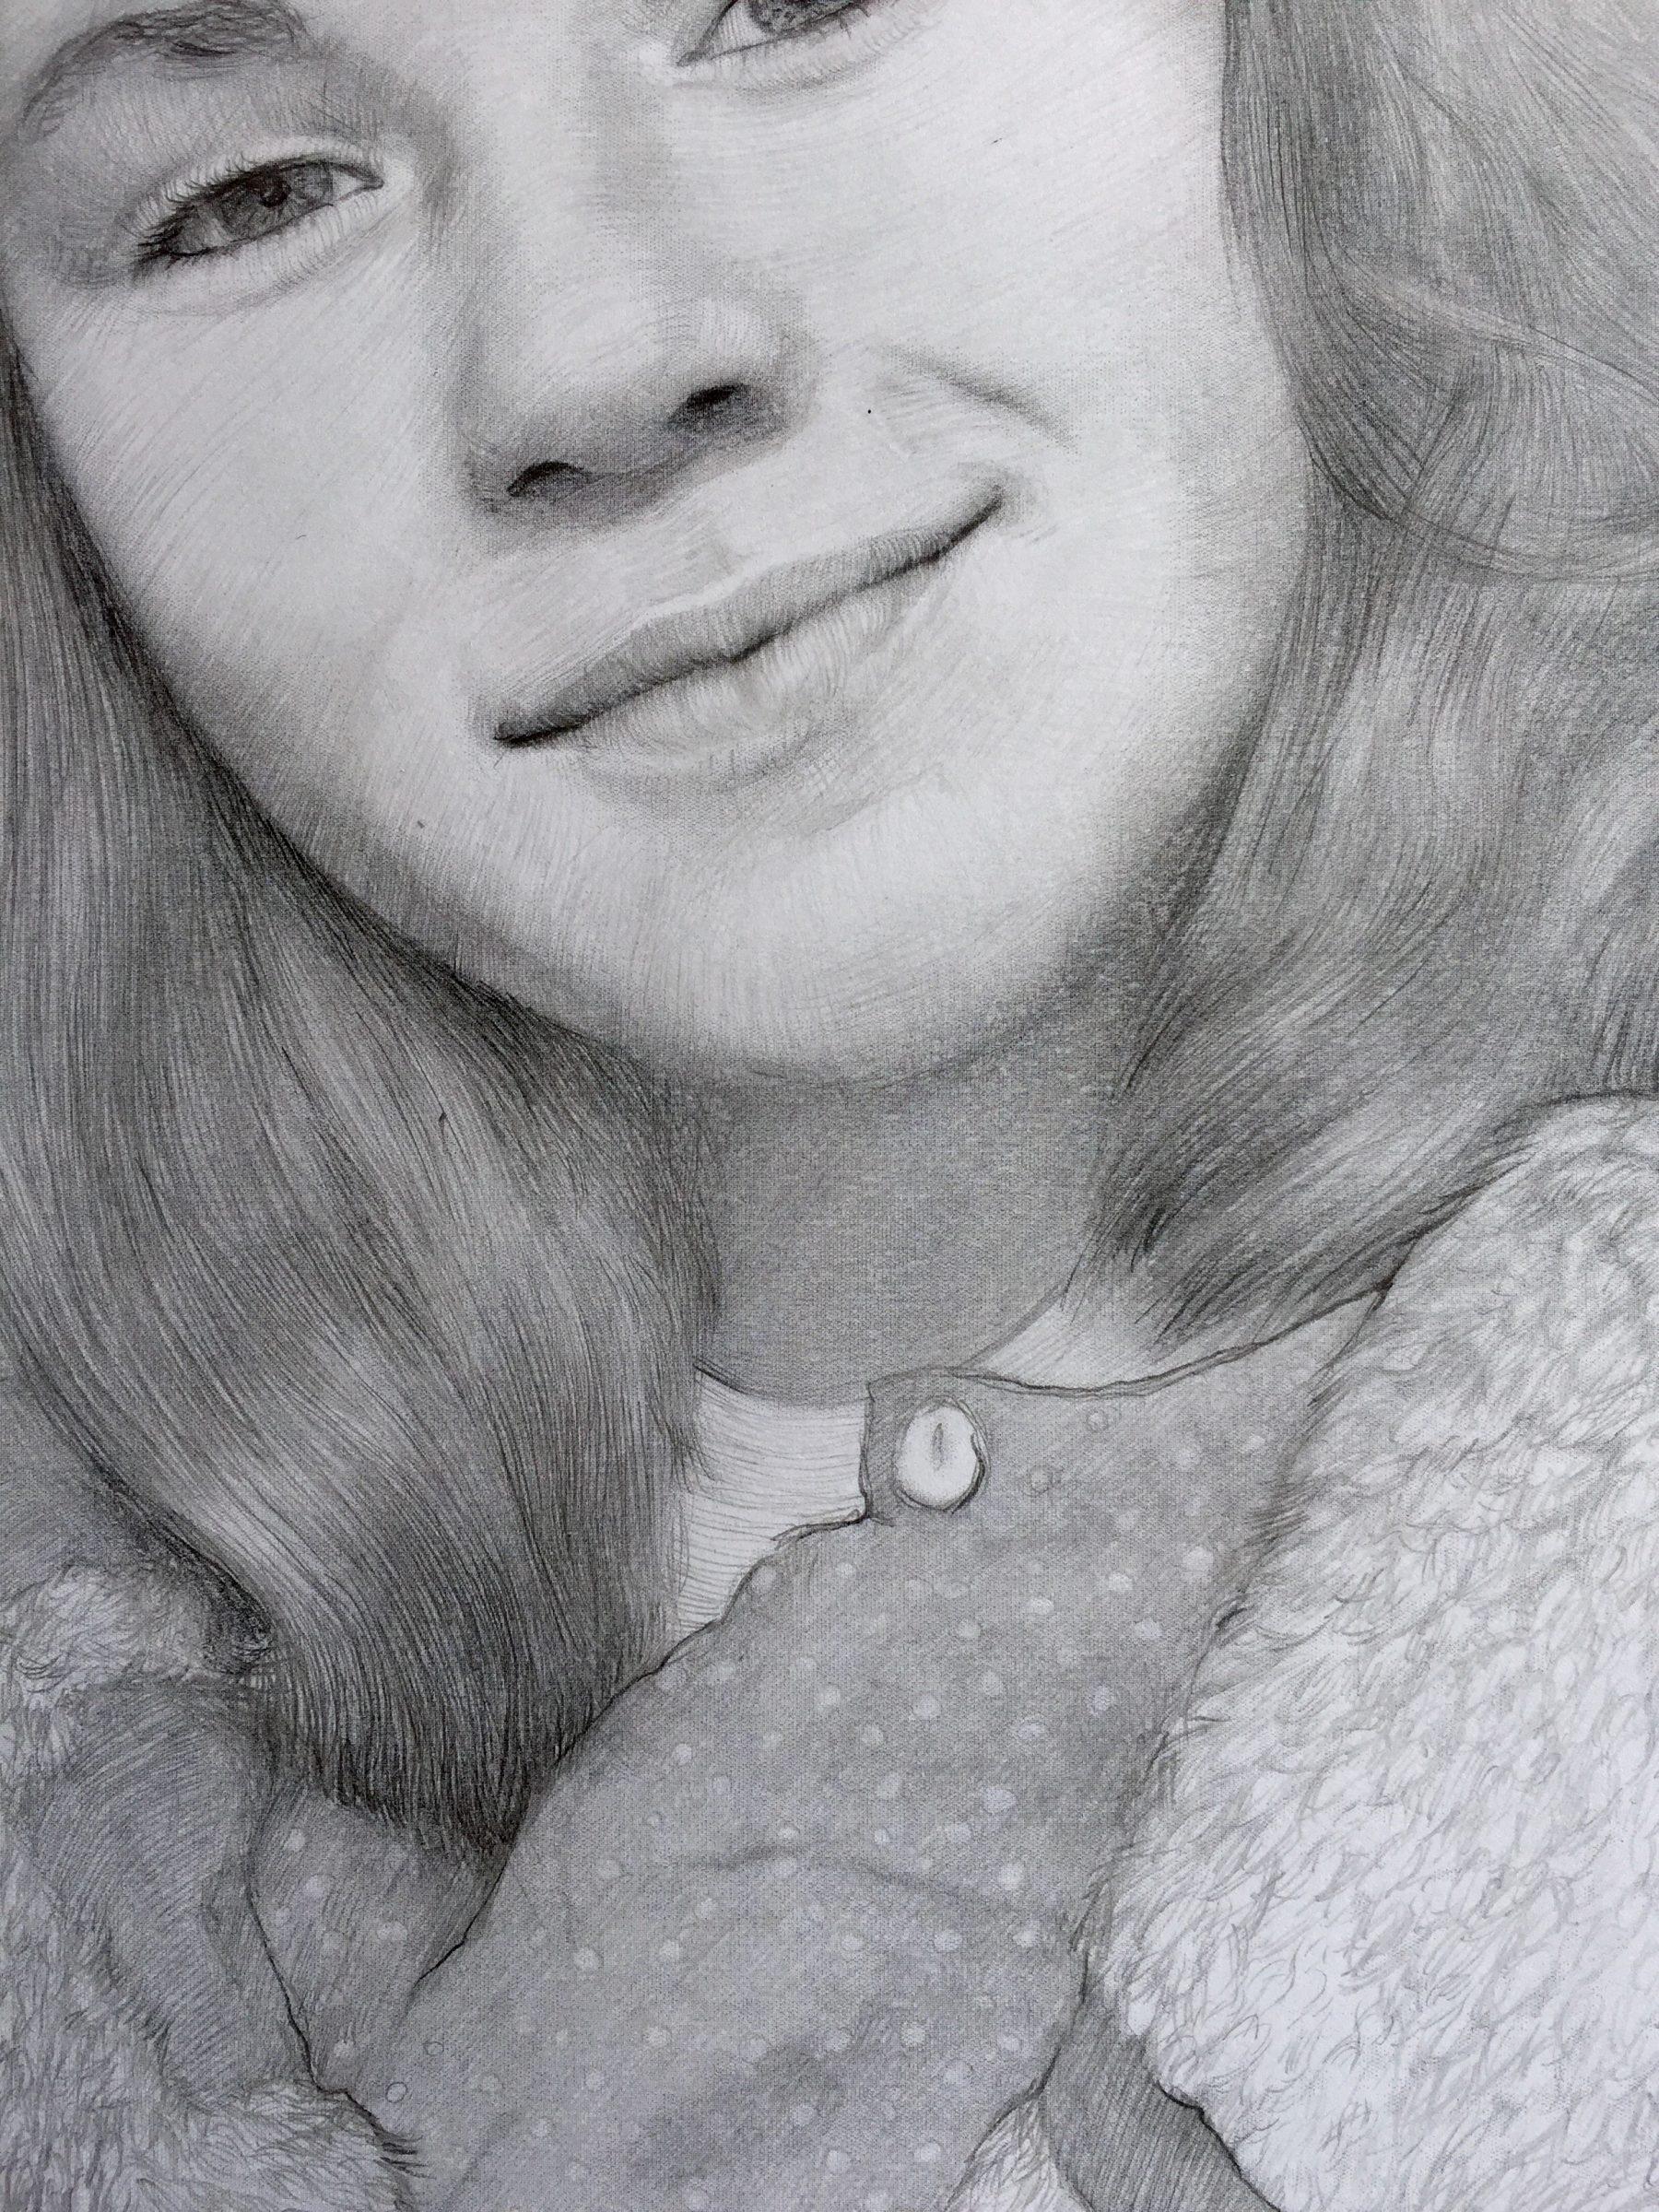 retratos-por-encargo-31-detalle-e1488878854173